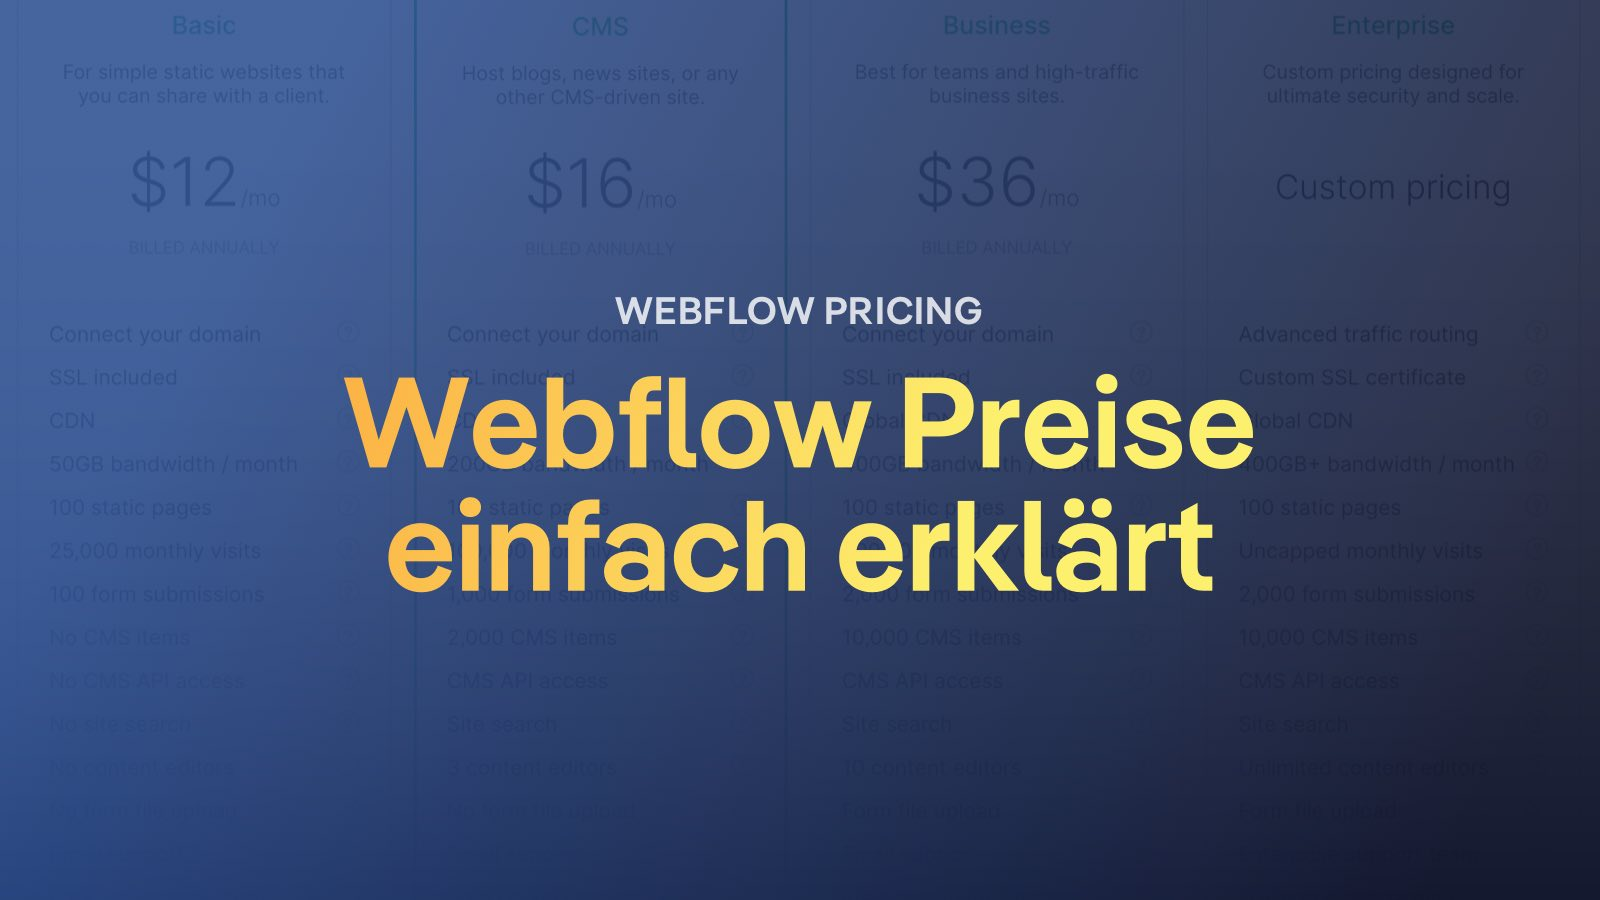 Webflow Preise einfach erklärt – Webflow pricing